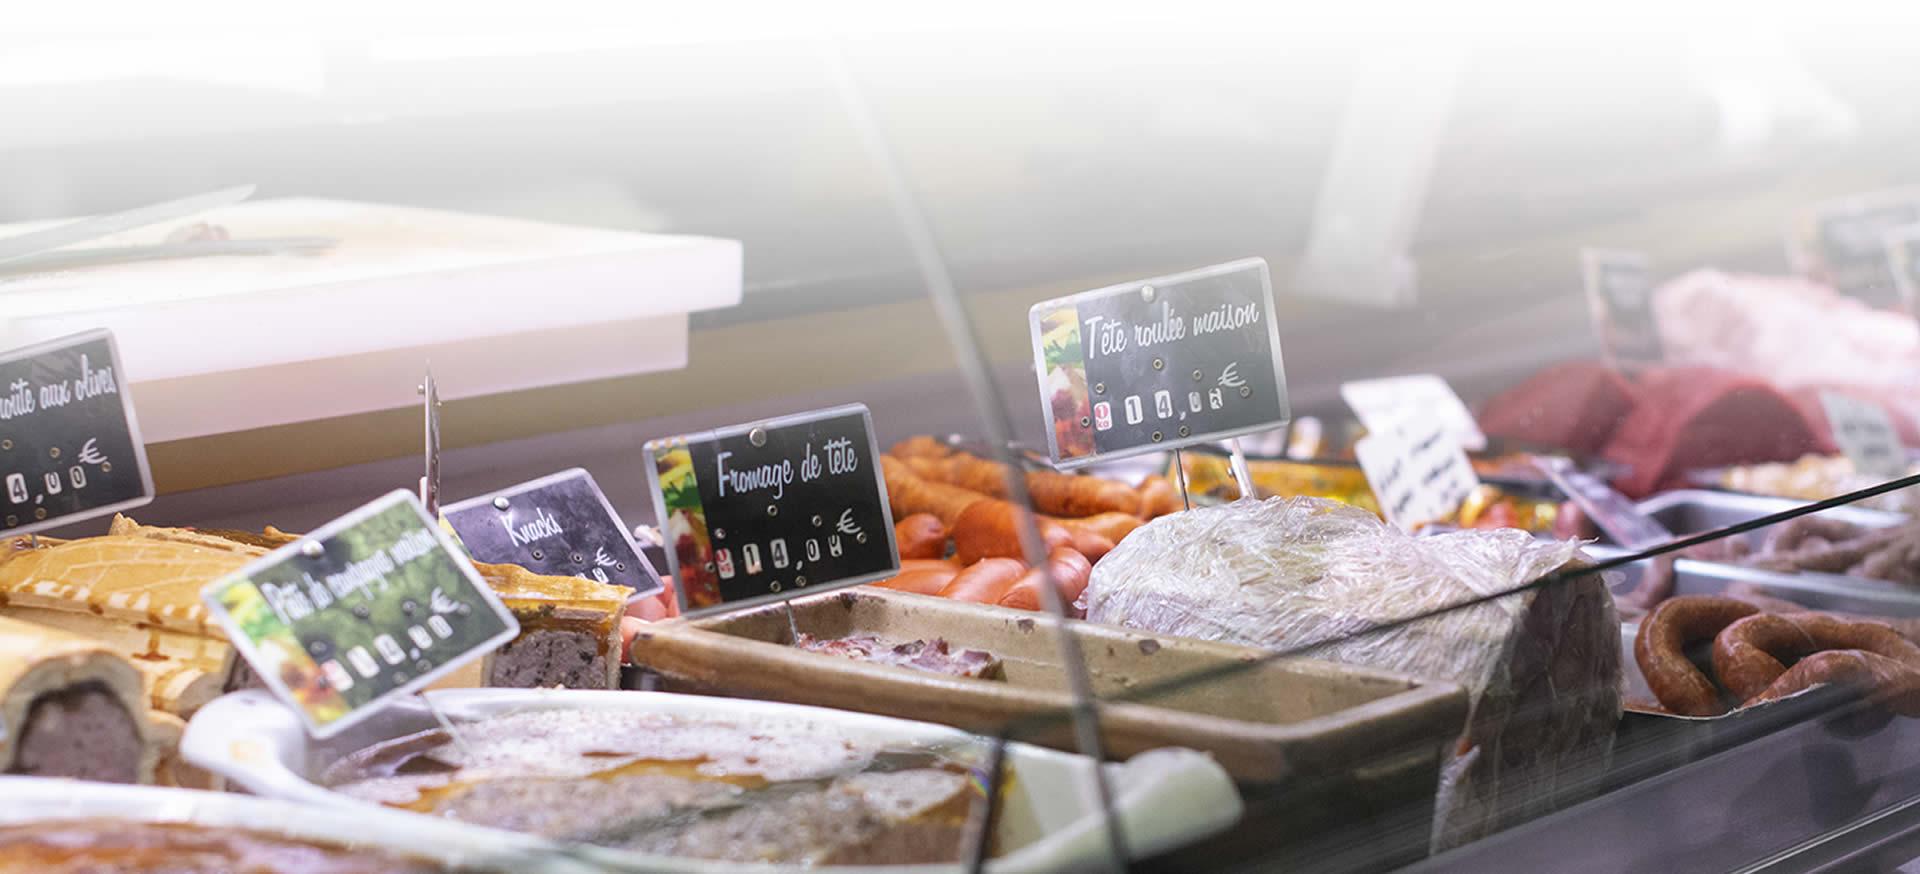 Les Fins Gourmets_Boutique_Charcuterie-traiteur